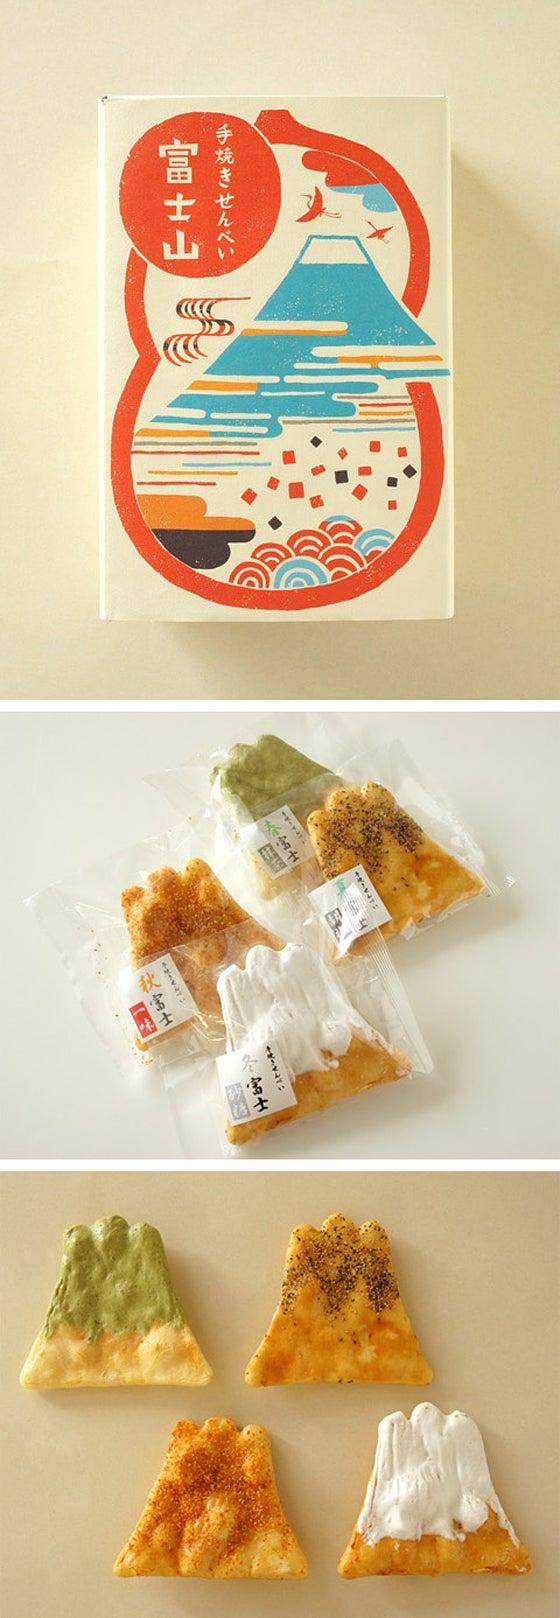 煎屋 手焼きせんべい富士山